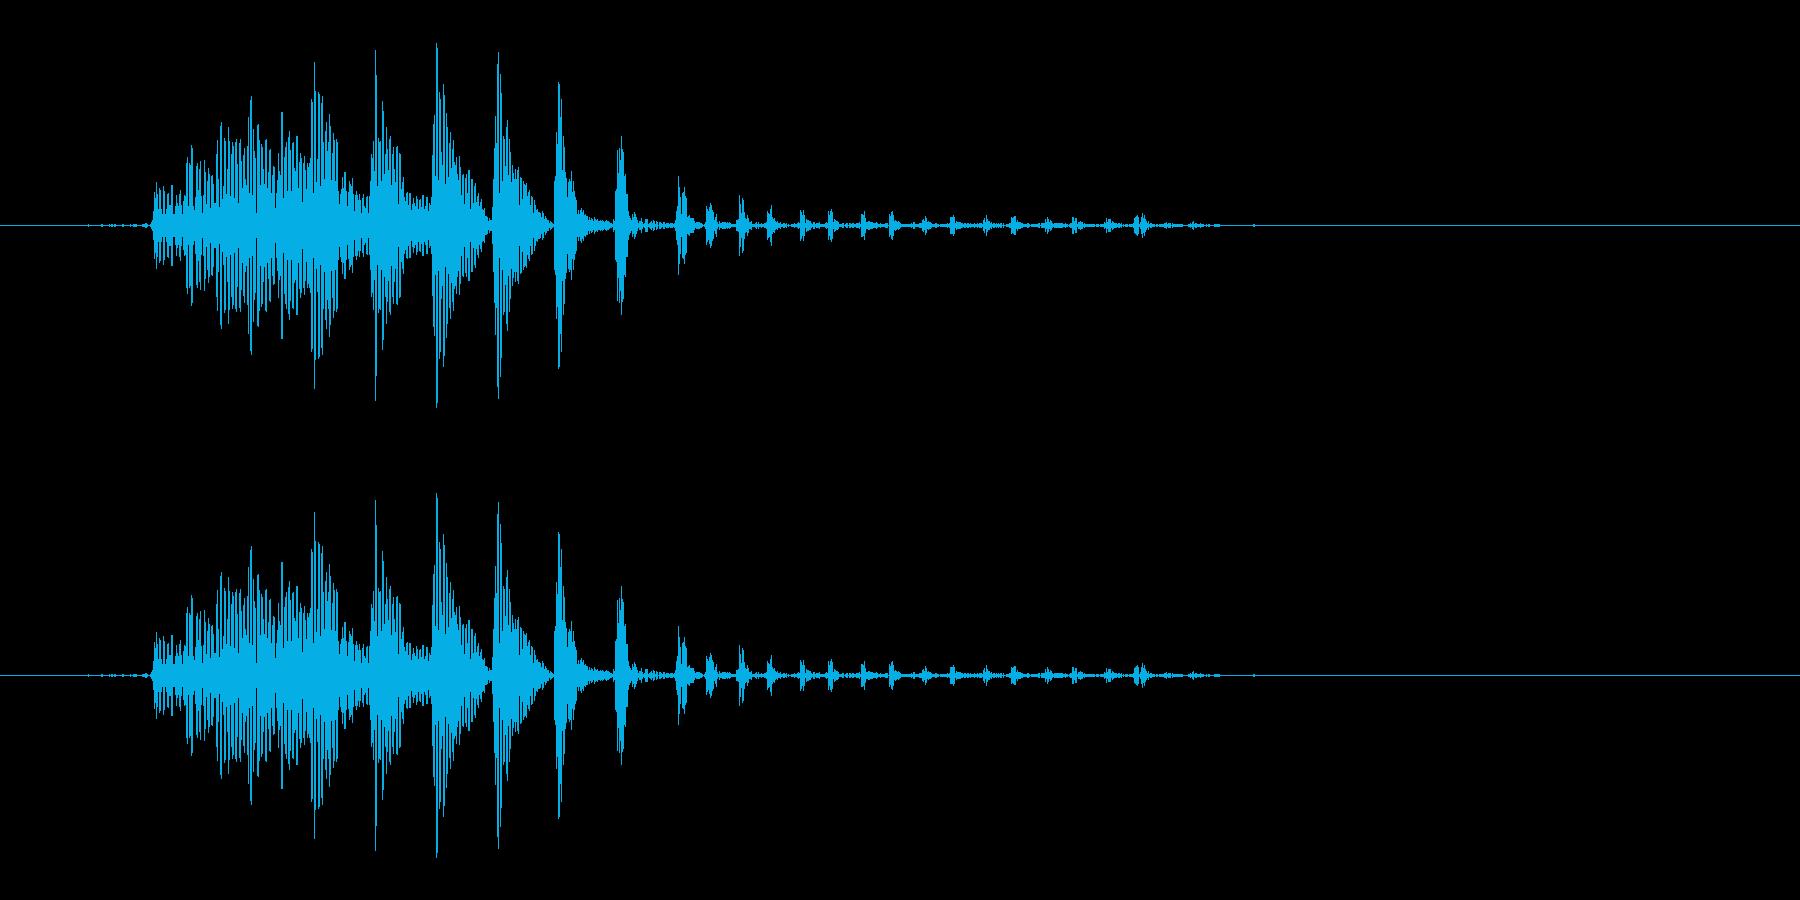 「プニ!ポヨン!」可愛い足音などに!09の再生済みの波形